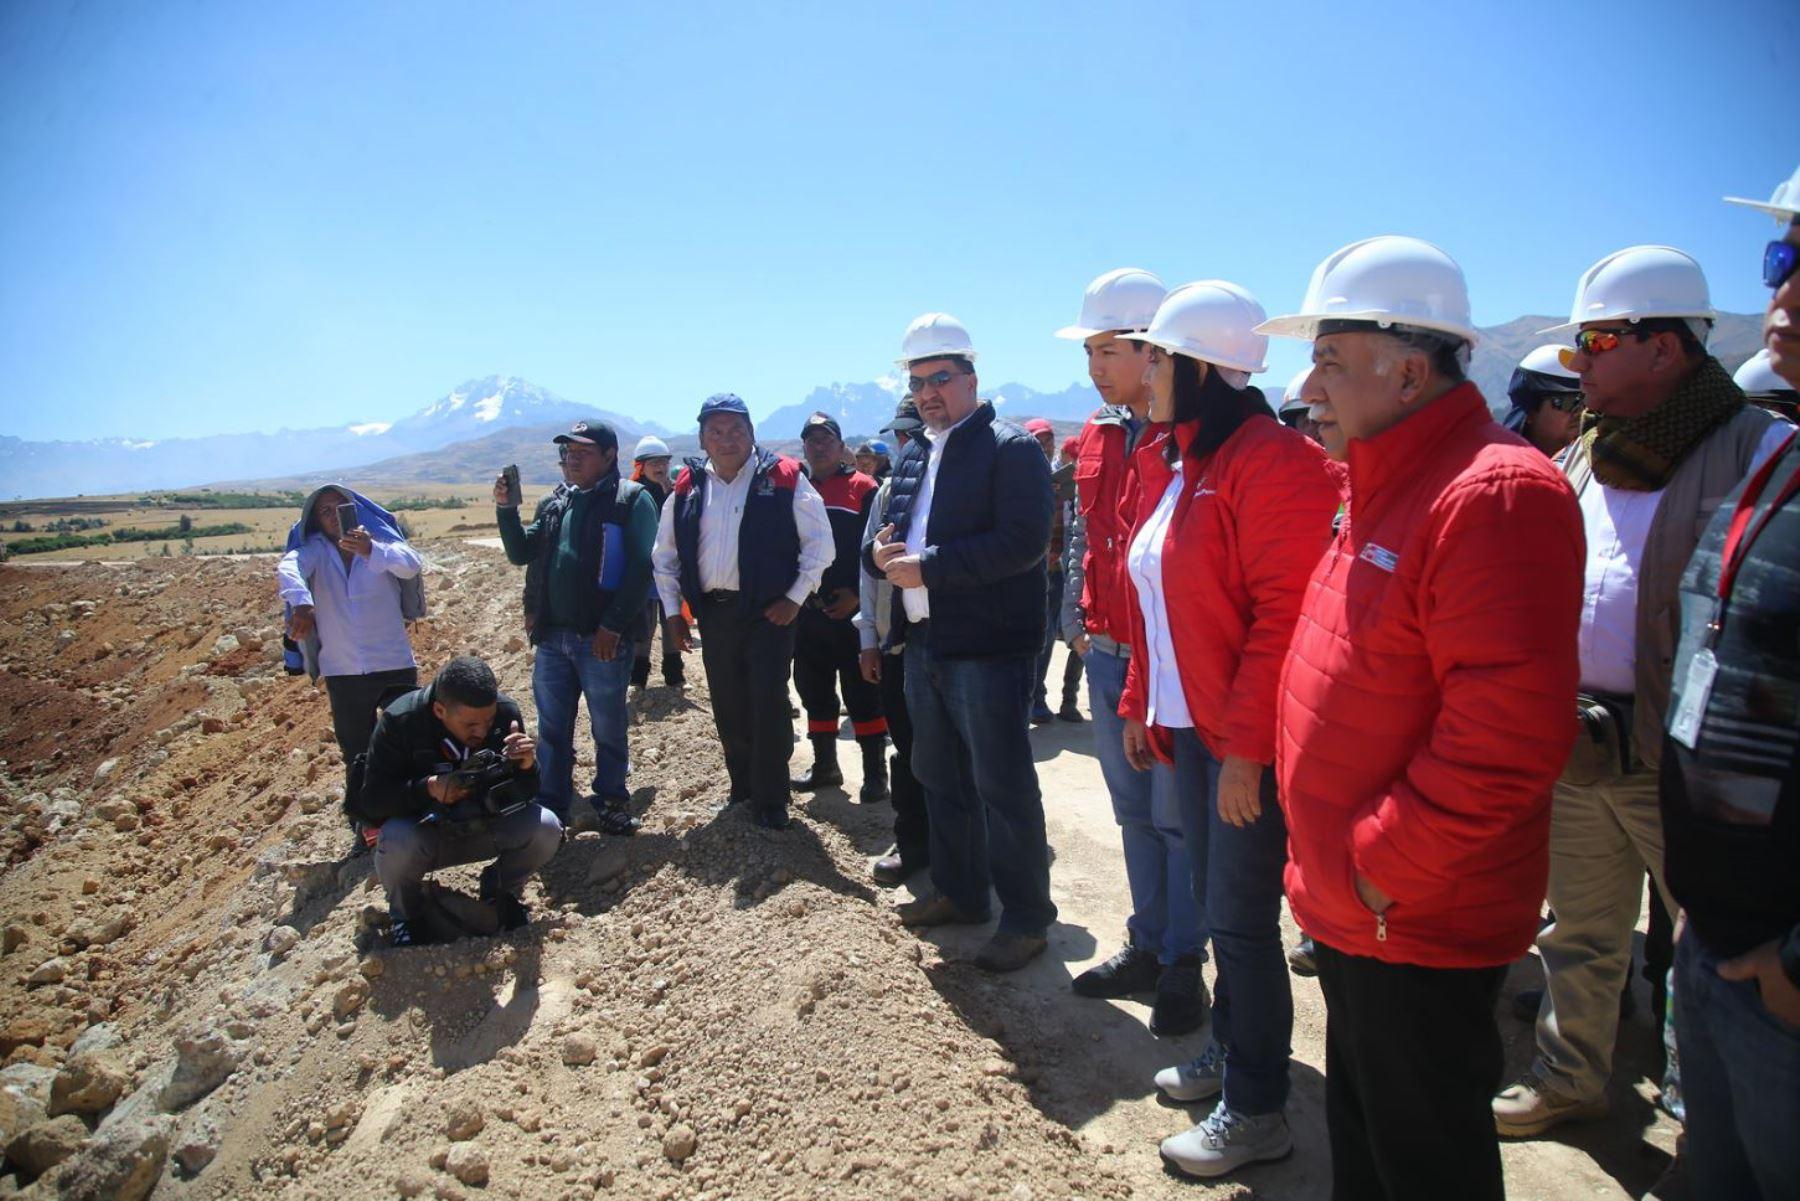 La ministra de Transportes y Comunicaciones, María Jara, supervisó el movimiento de tierras del futuro Aeropuerto Internacional de Chinchero (Cusco).